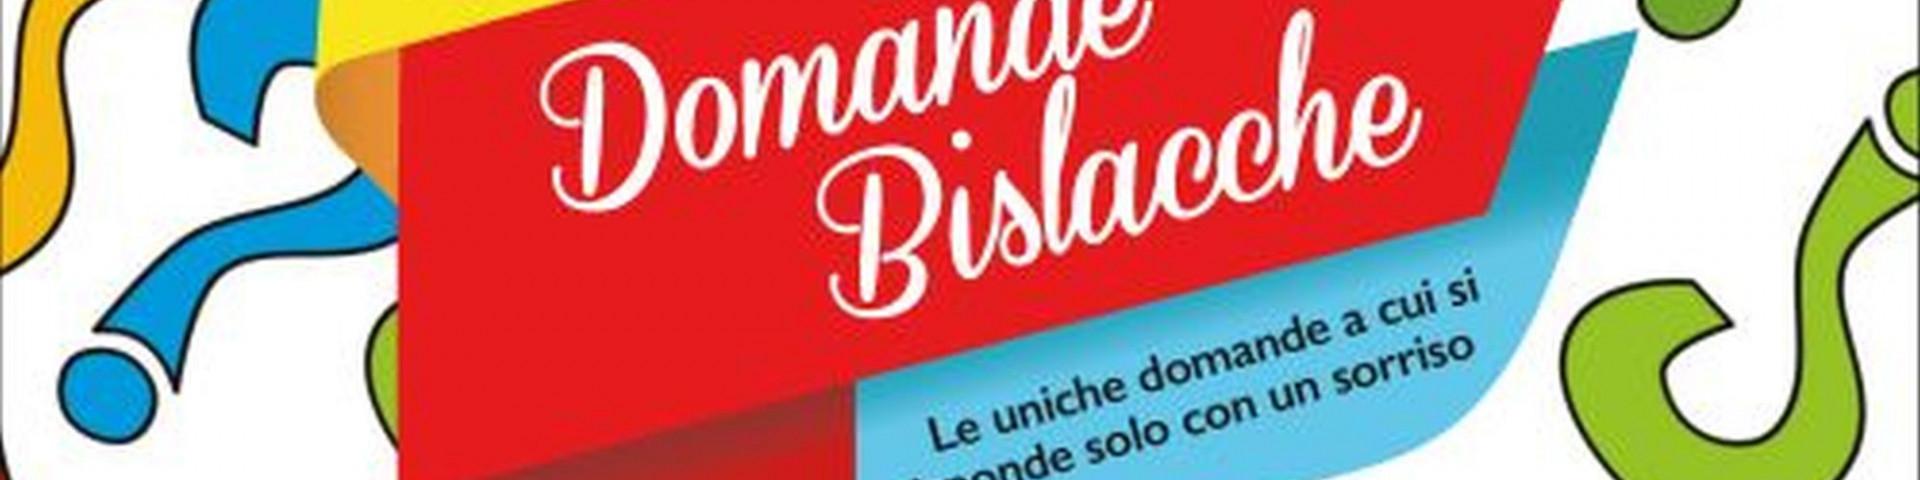 """""""Domande bisclacche"""", il nuovo libro di Maurizio Bernacchia"""